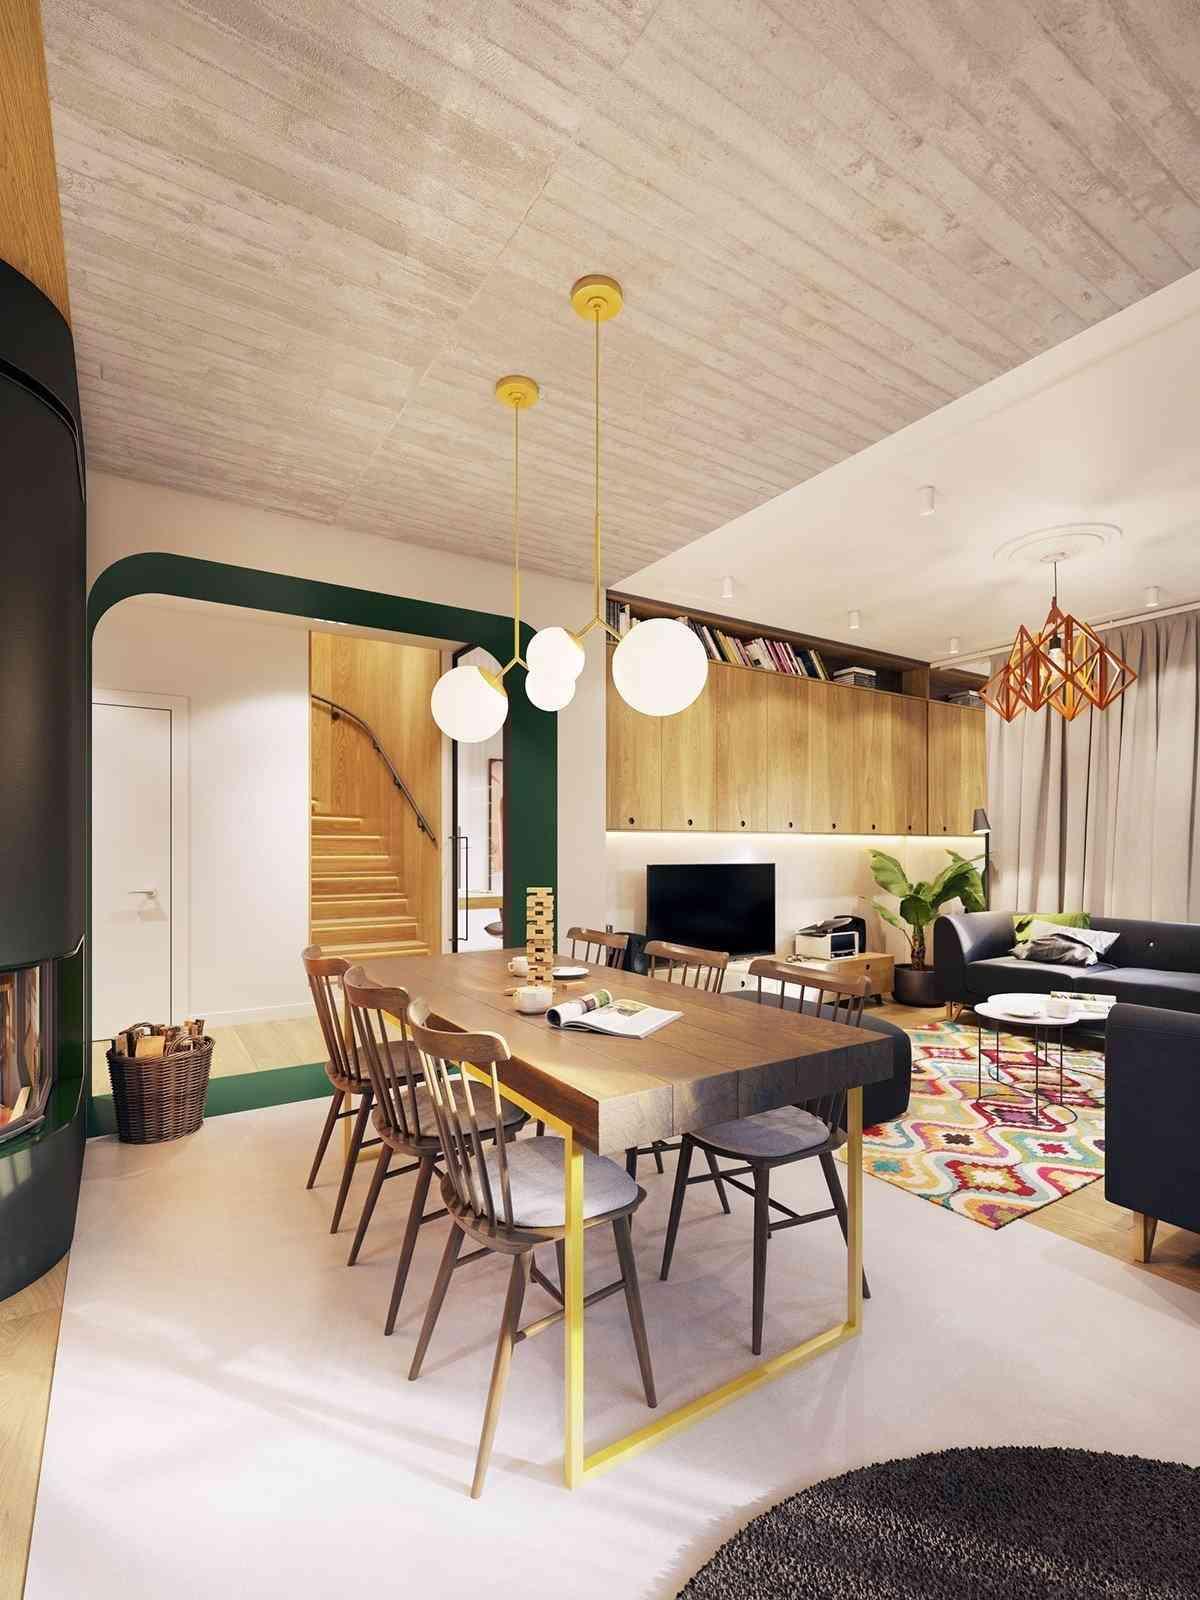 Thiết kế nội thất nổi bật hơn cho ngôi nhà hiện đại - noi that 32